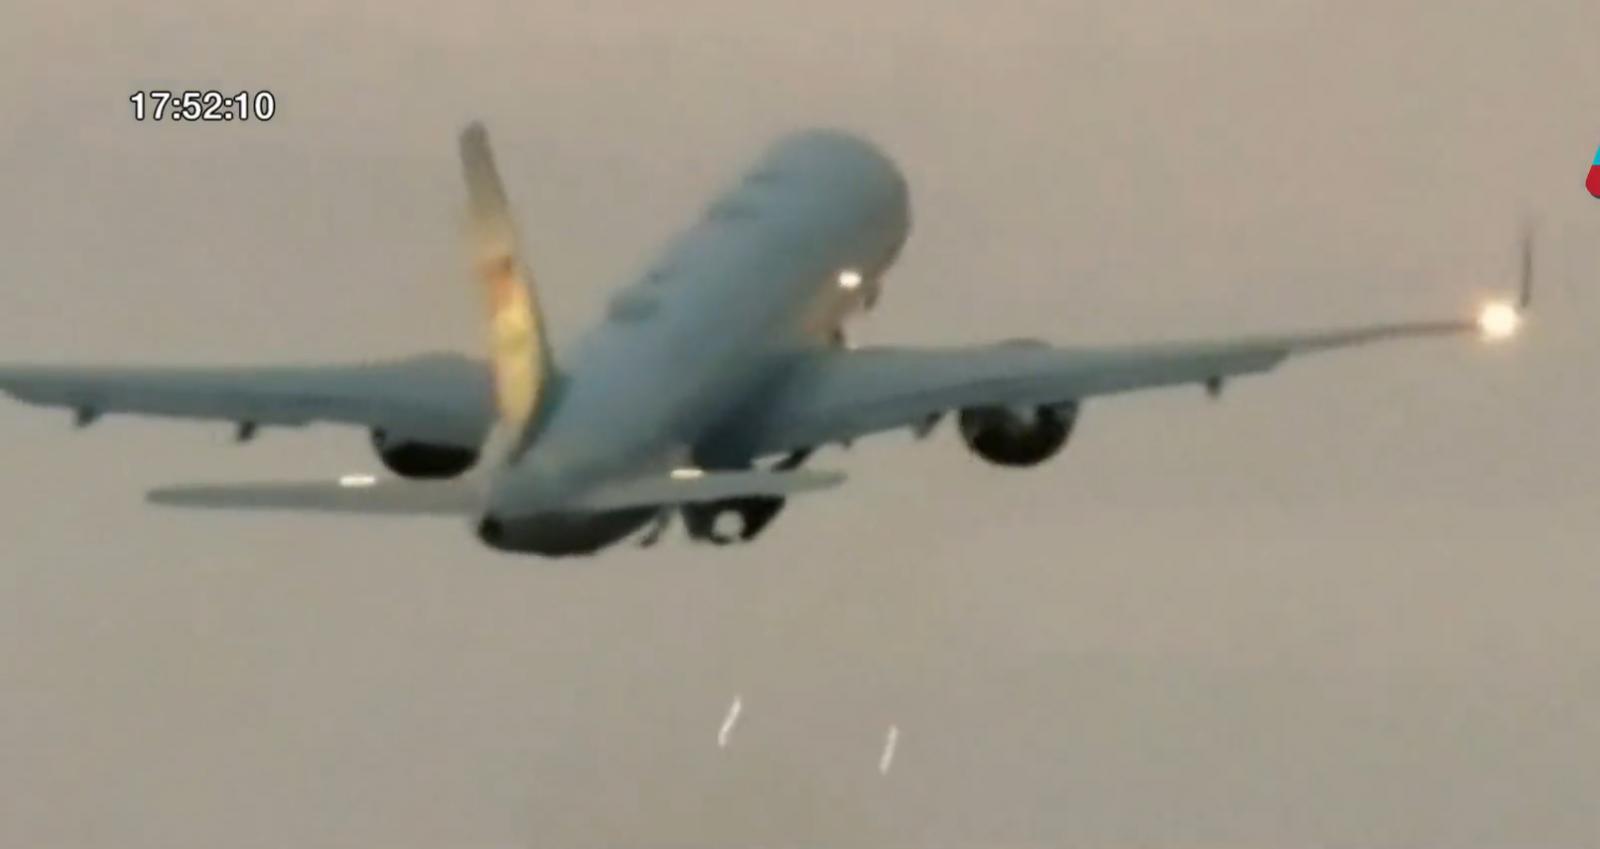 เครื่องบินรองปธน.สหรัฐฯ ลงจอดฉุกเฉินหลังชนนก